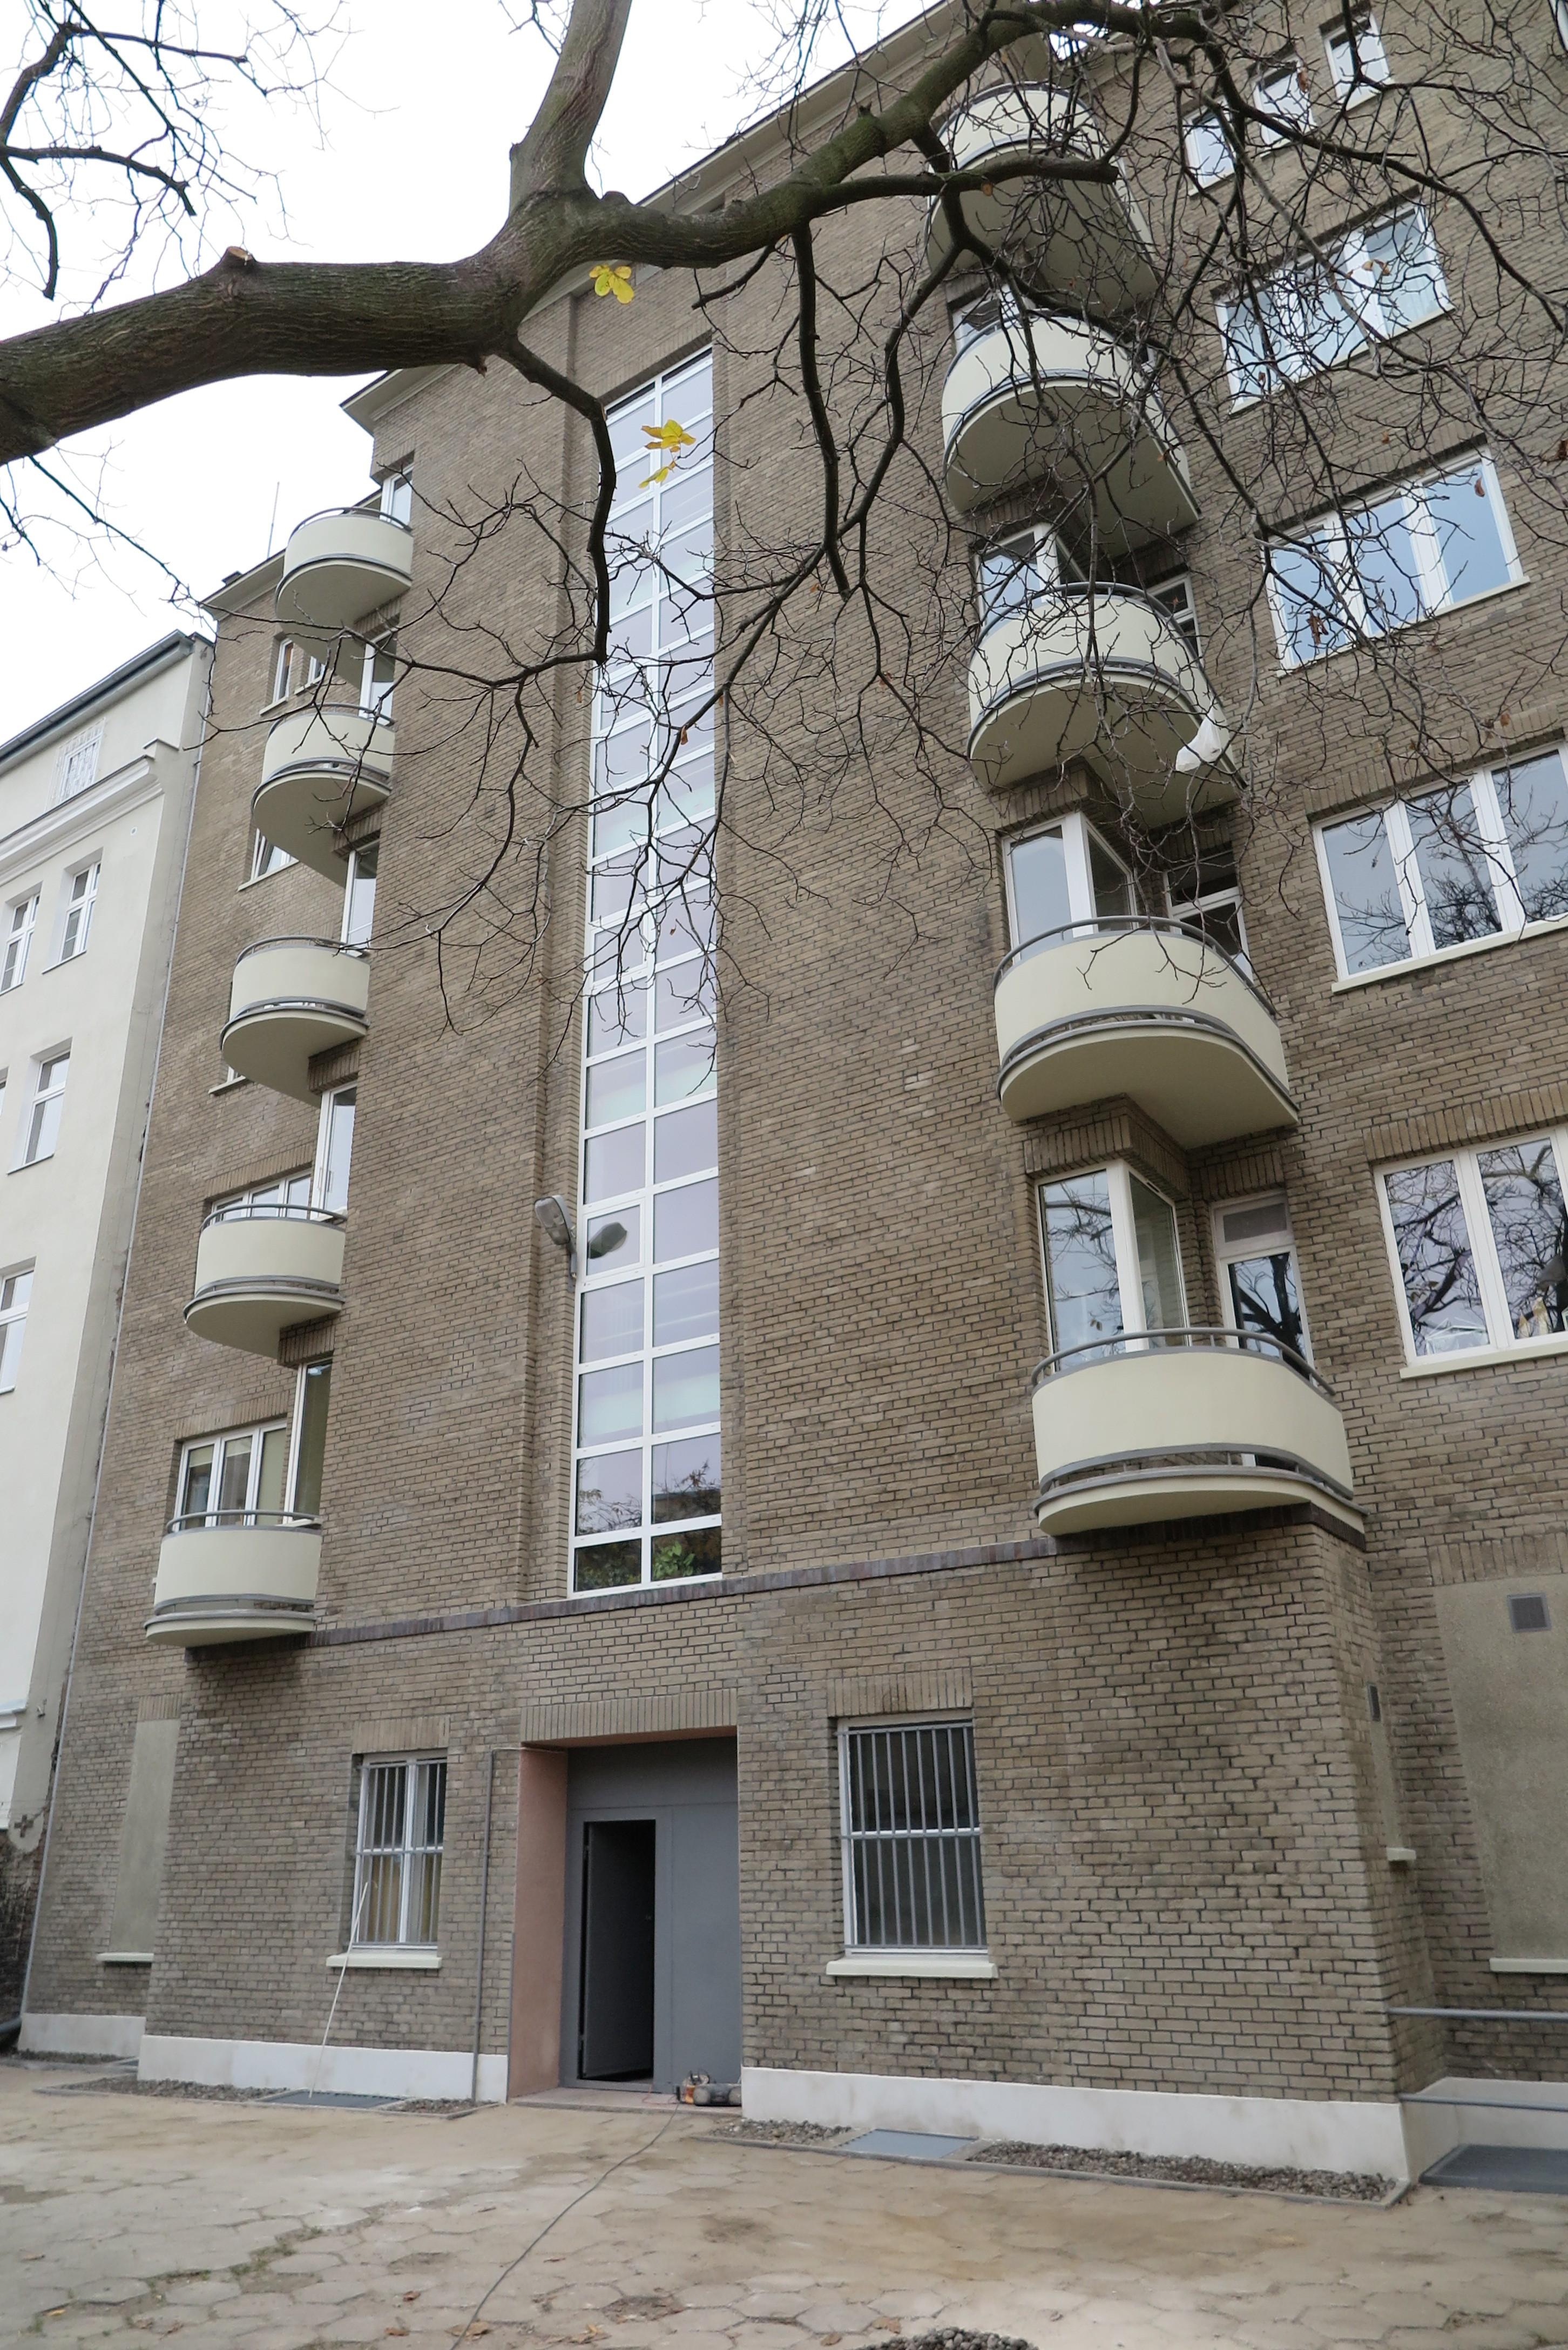 Elewacja tylna kamienicy przy ul. Starowiejskiej 52, jedynej kamienicy w Śródmieściu o takim wykończeniu elewacji po pracach konserwatorskich